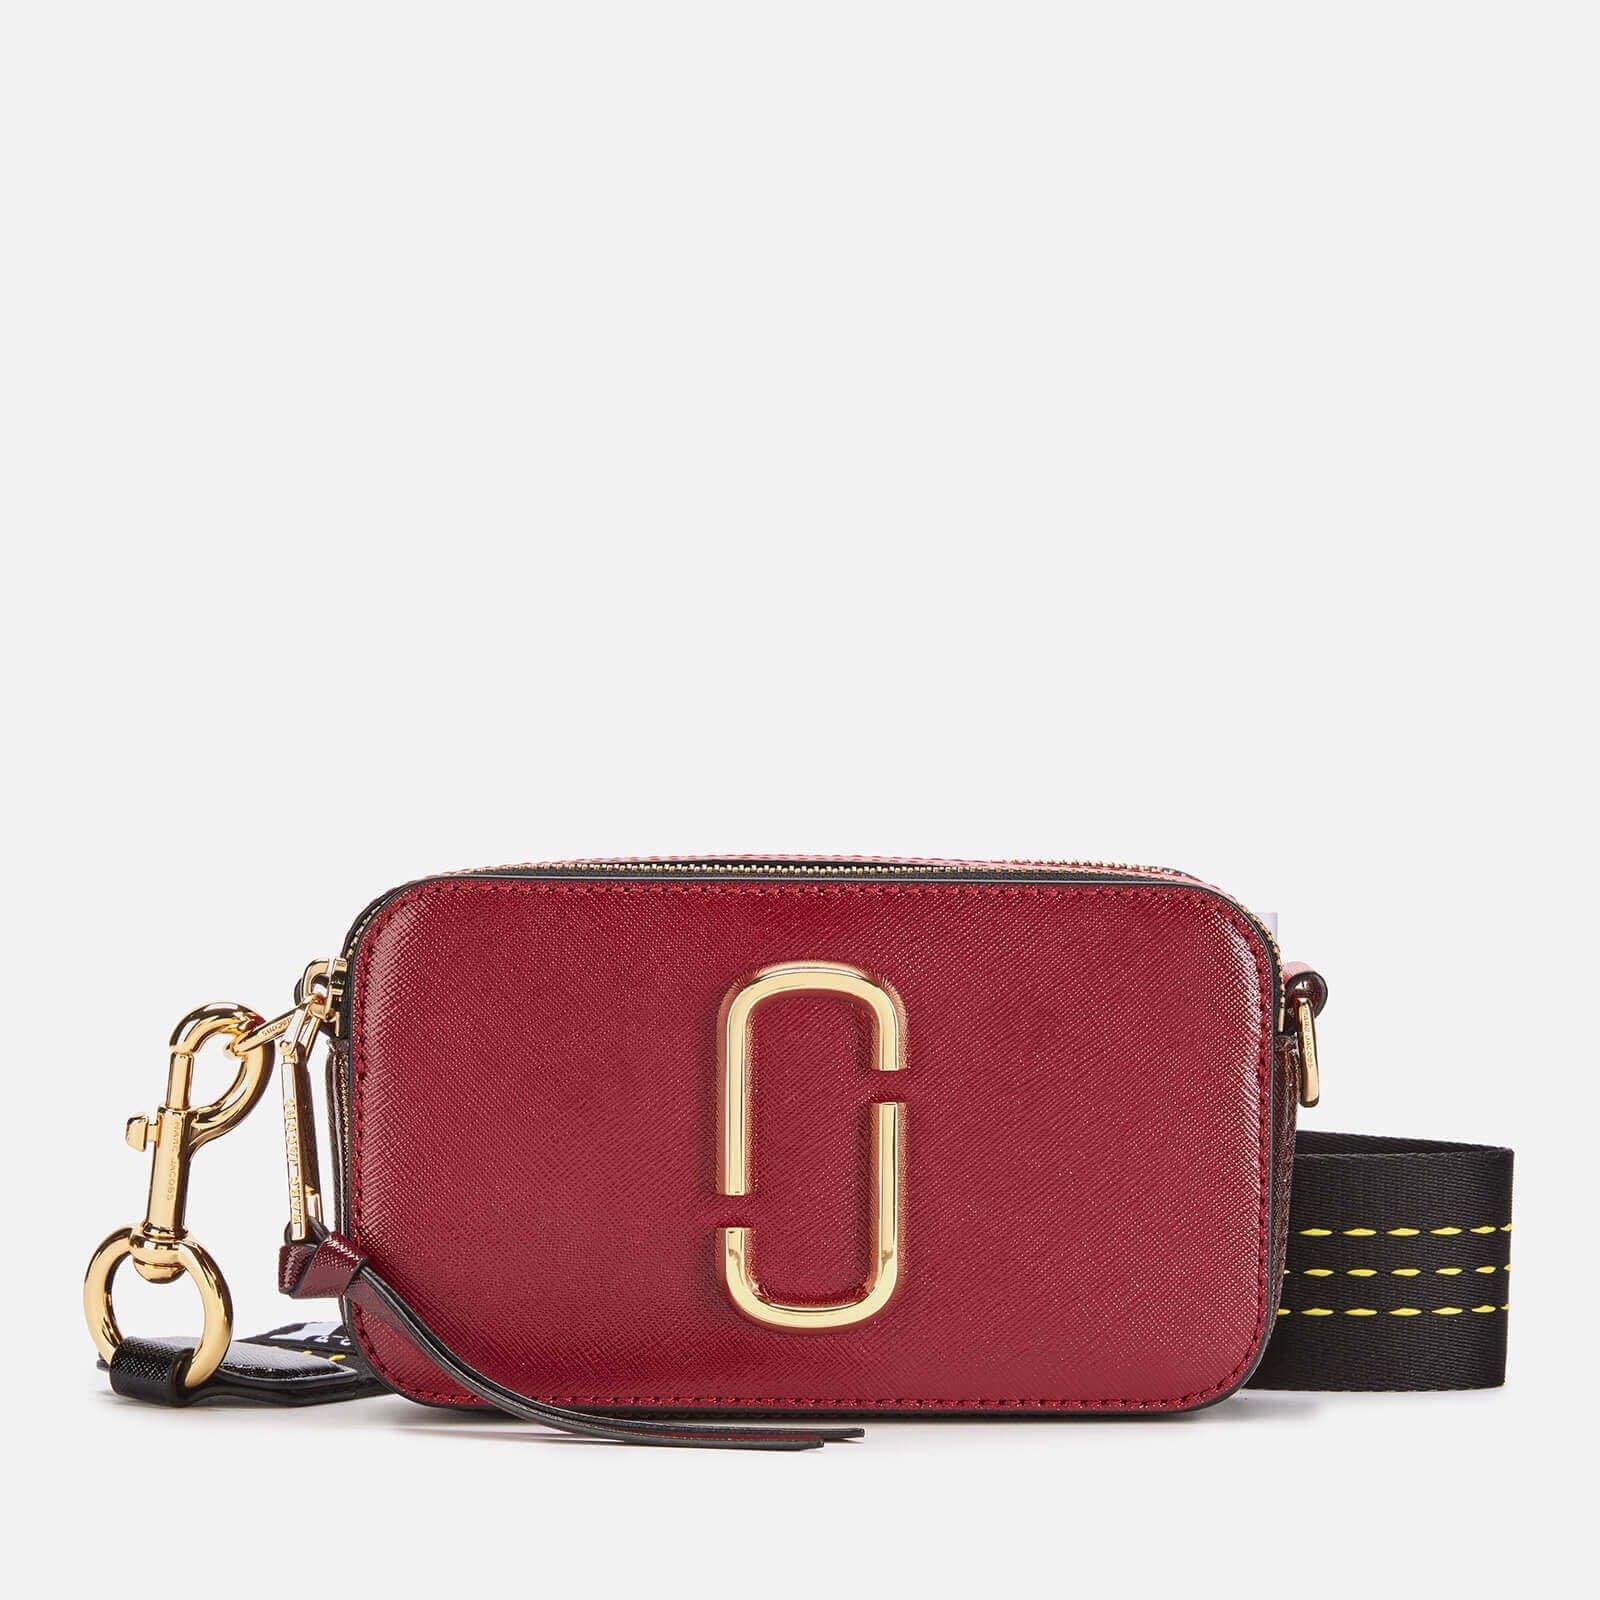 Marc Jacobs Women's Snapshot Bag